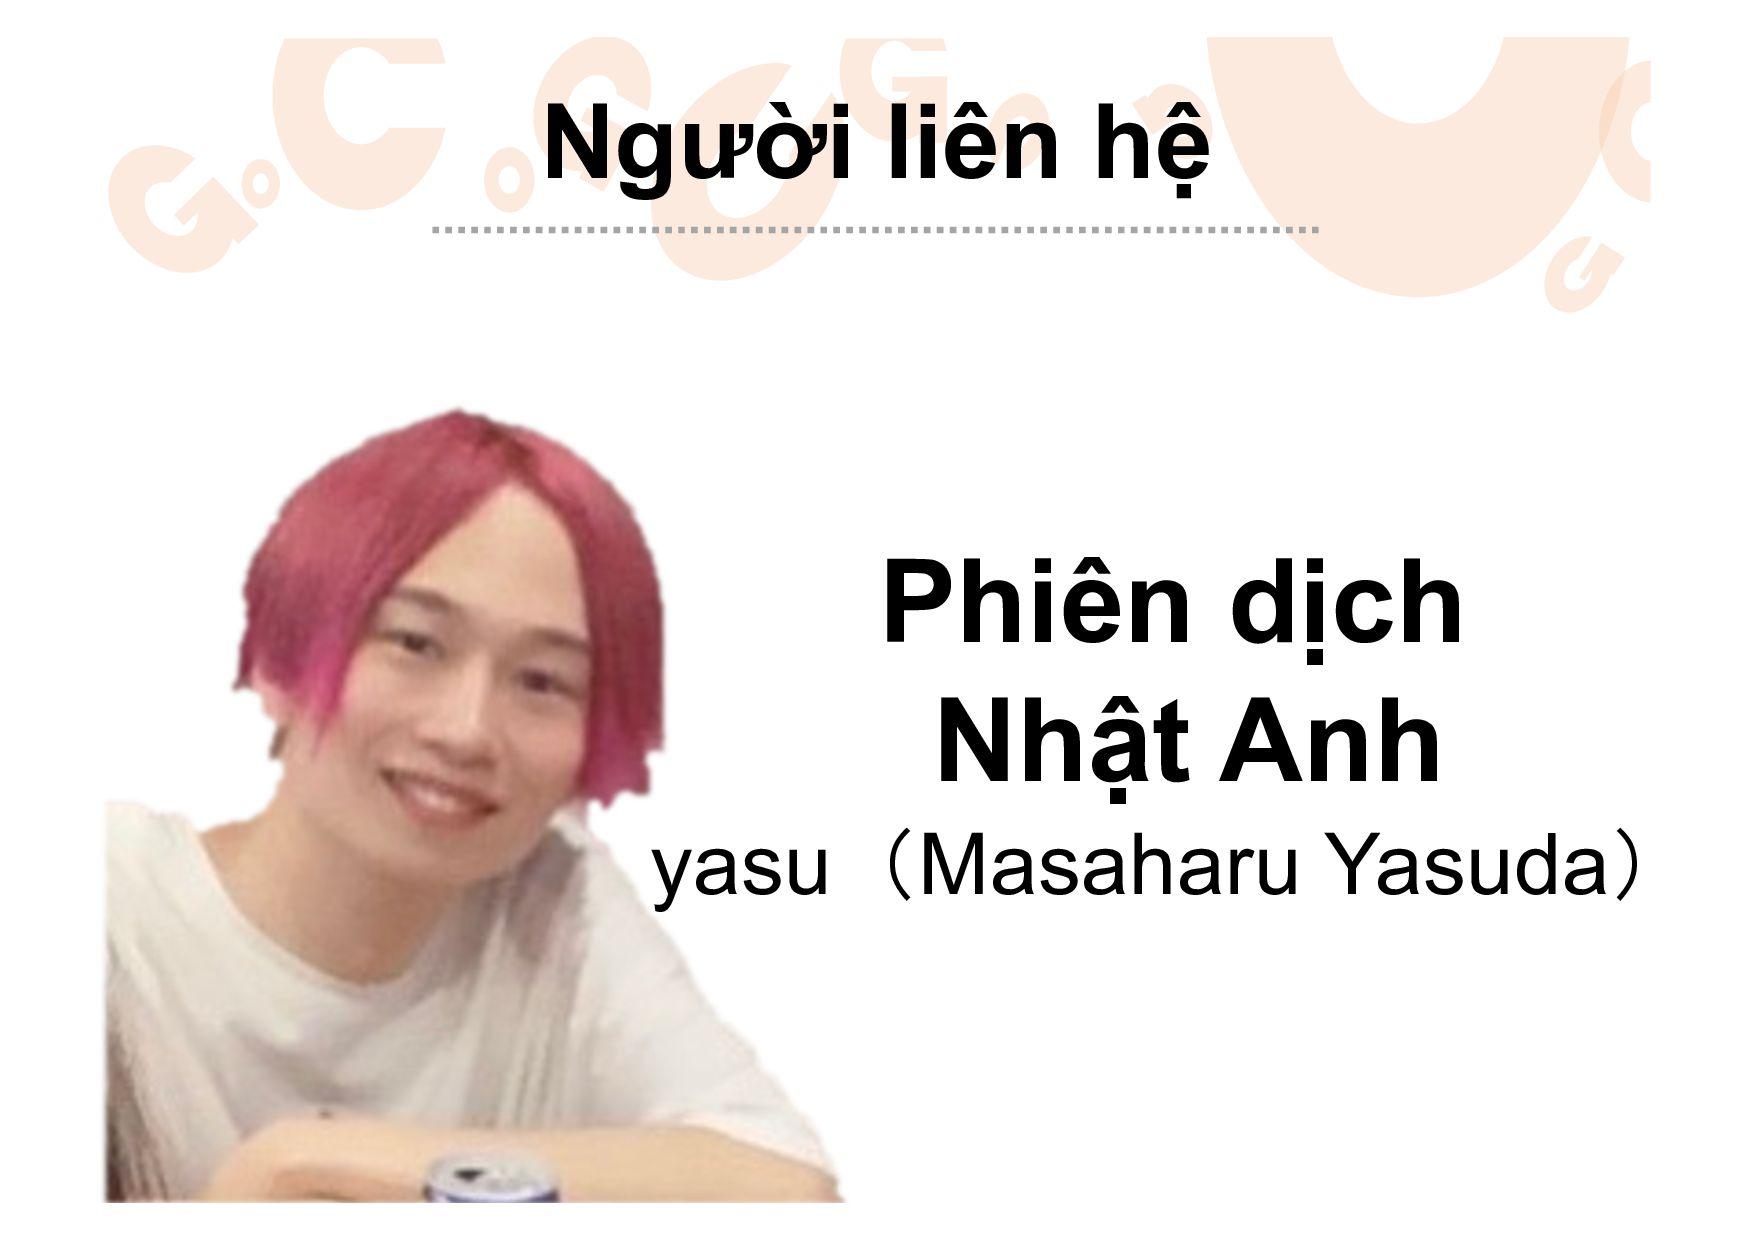 Phiên dịch Nhật Anh Michael Worku Người liên hệ